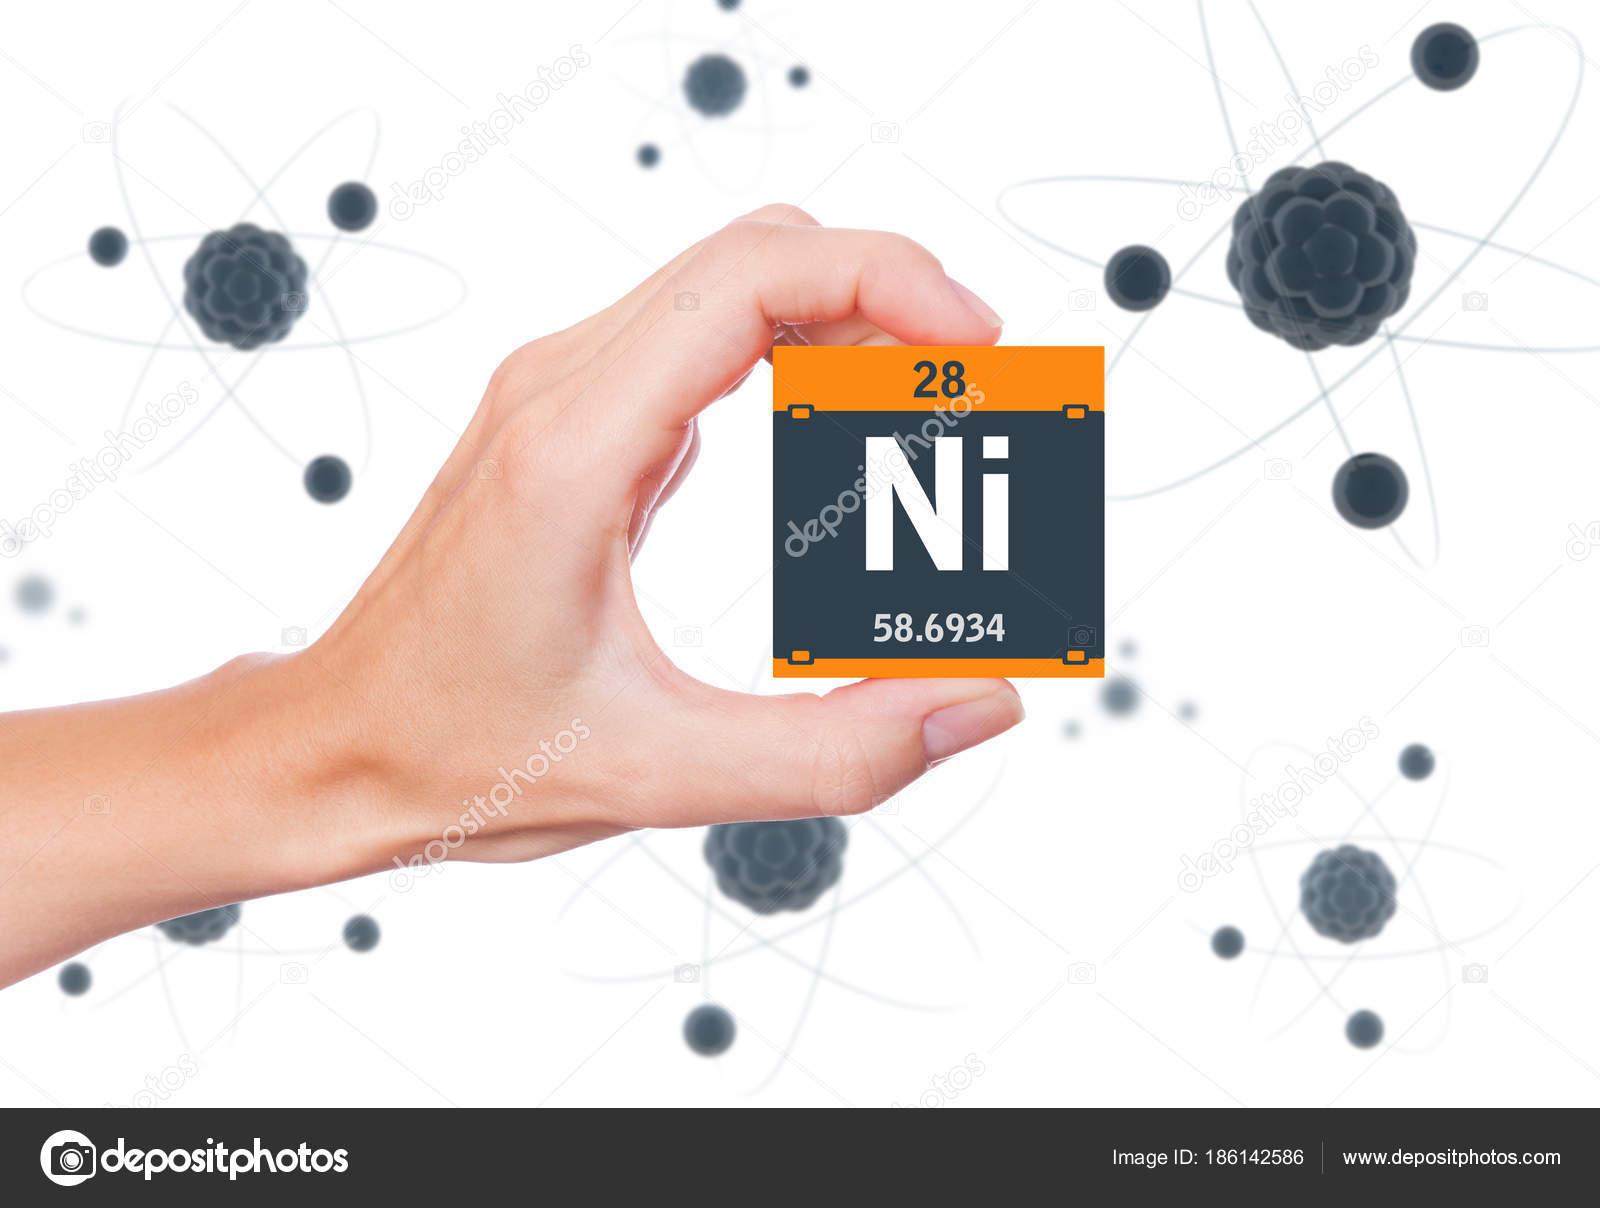 Nickel element symbol handheld atoms floating background stock nickel element symbol handheld atoms floating background stock photo buycottarizona Images